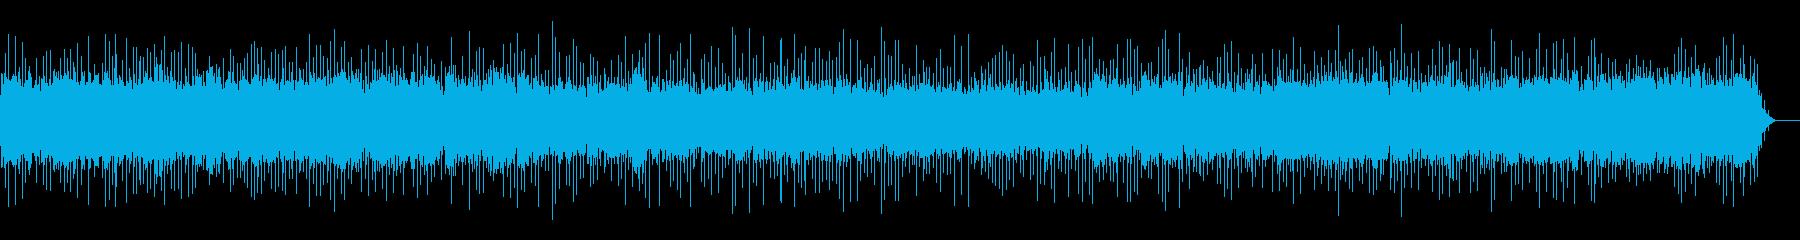 電波が乱れた時のノイズ音の再生済みの波形